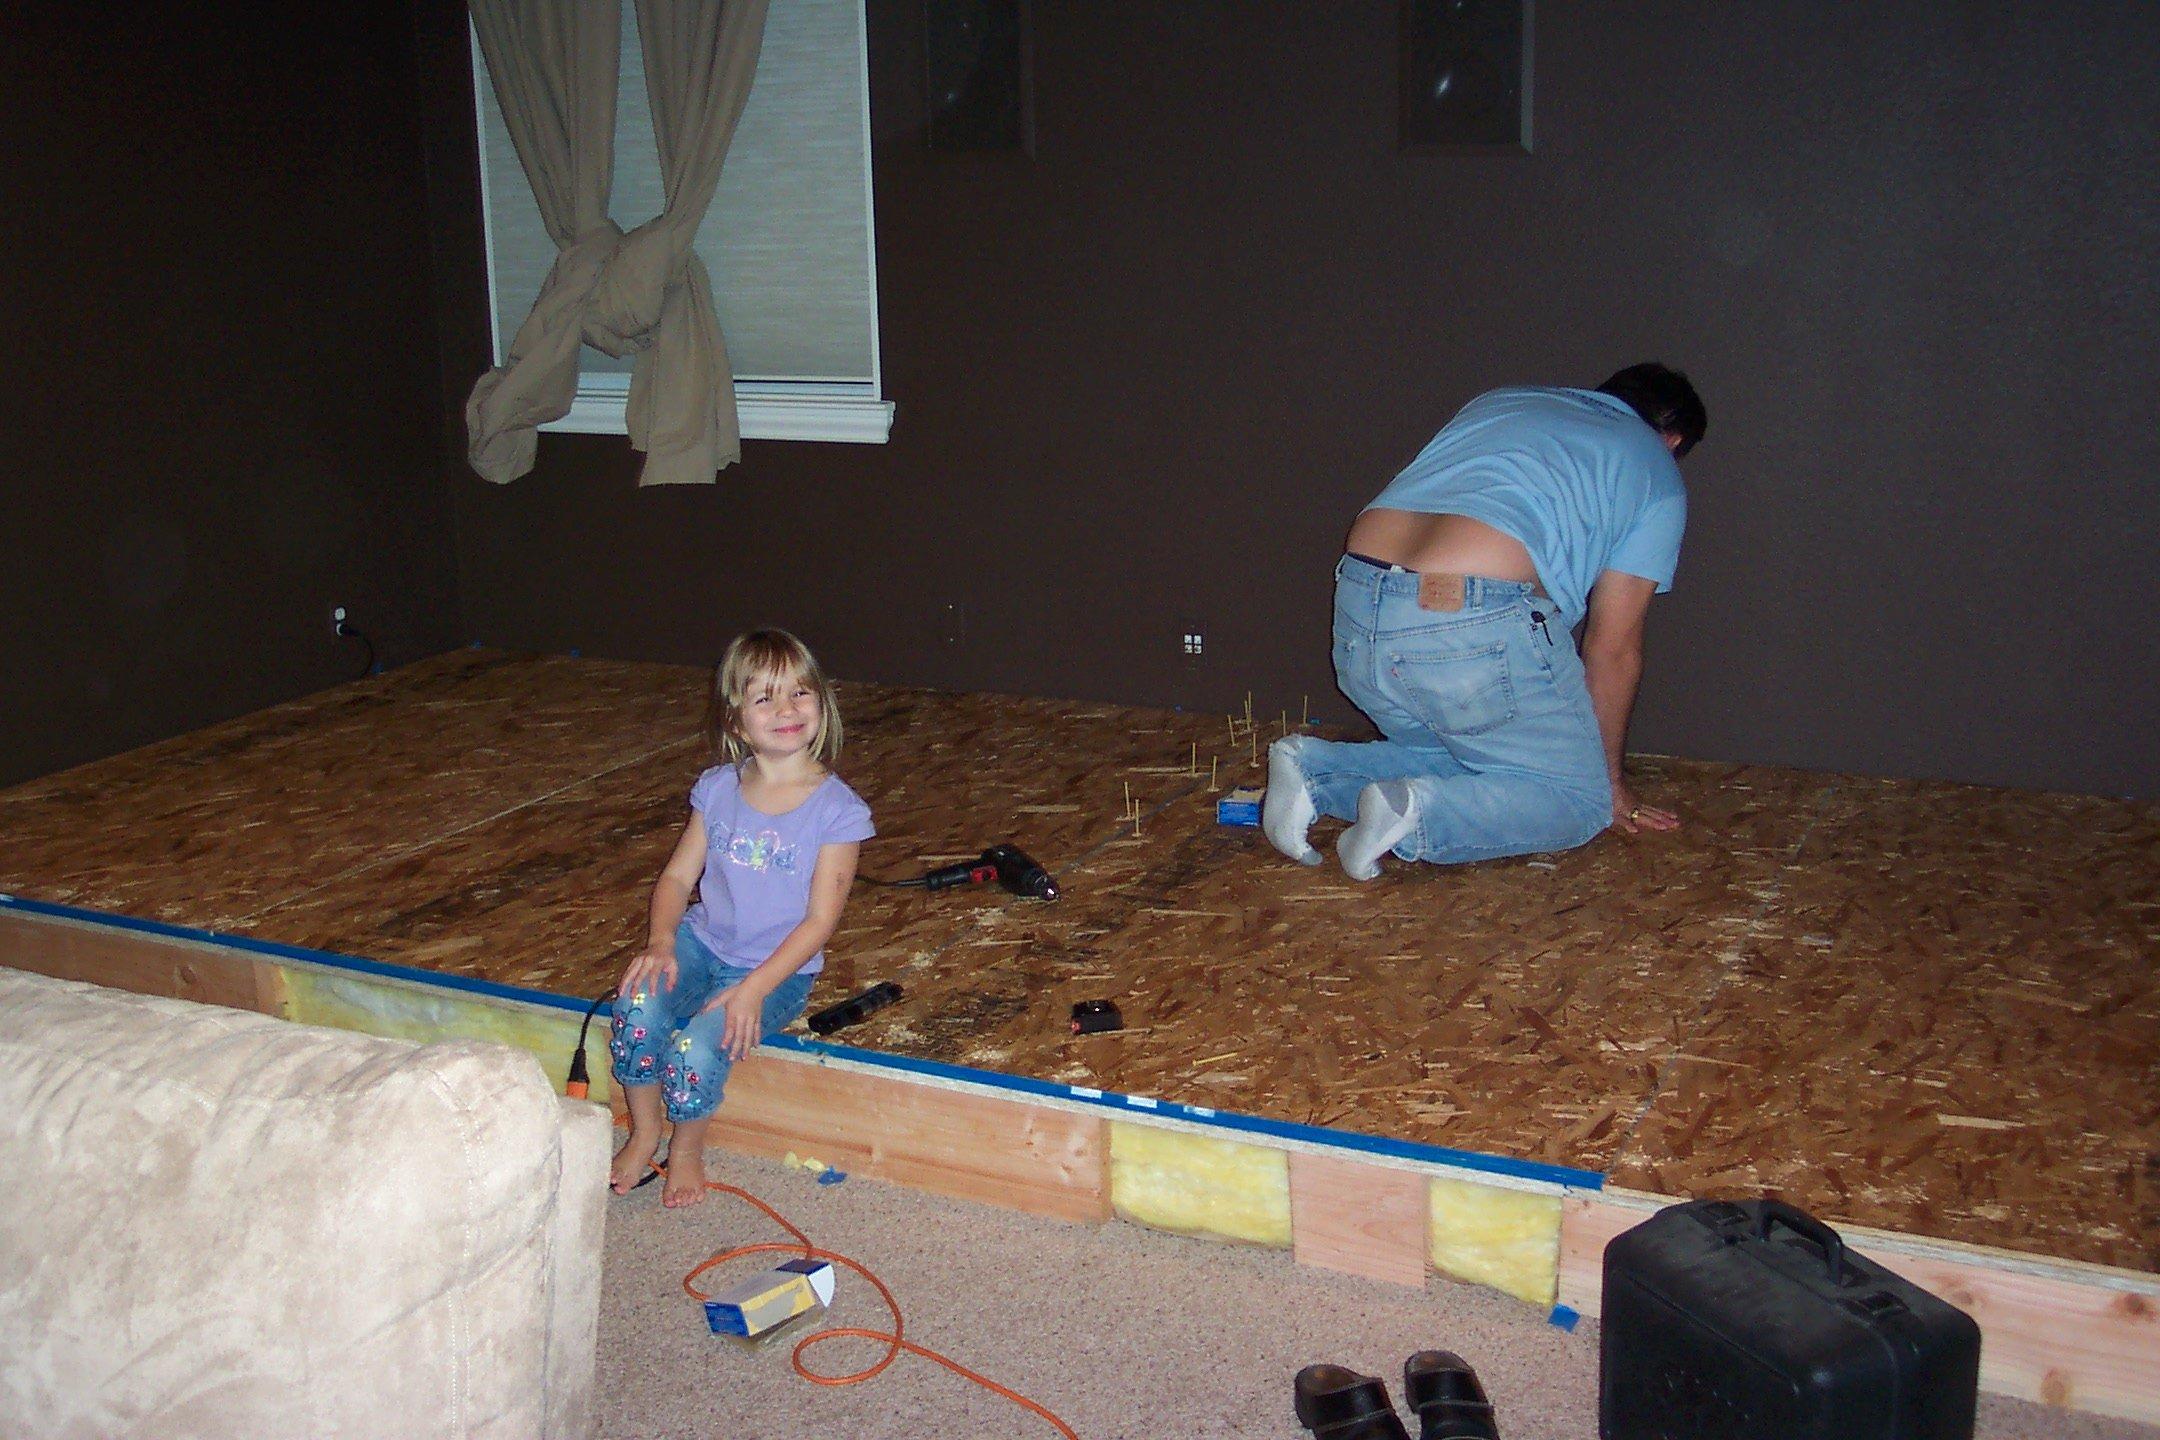 Riser construction 4 - installing floor